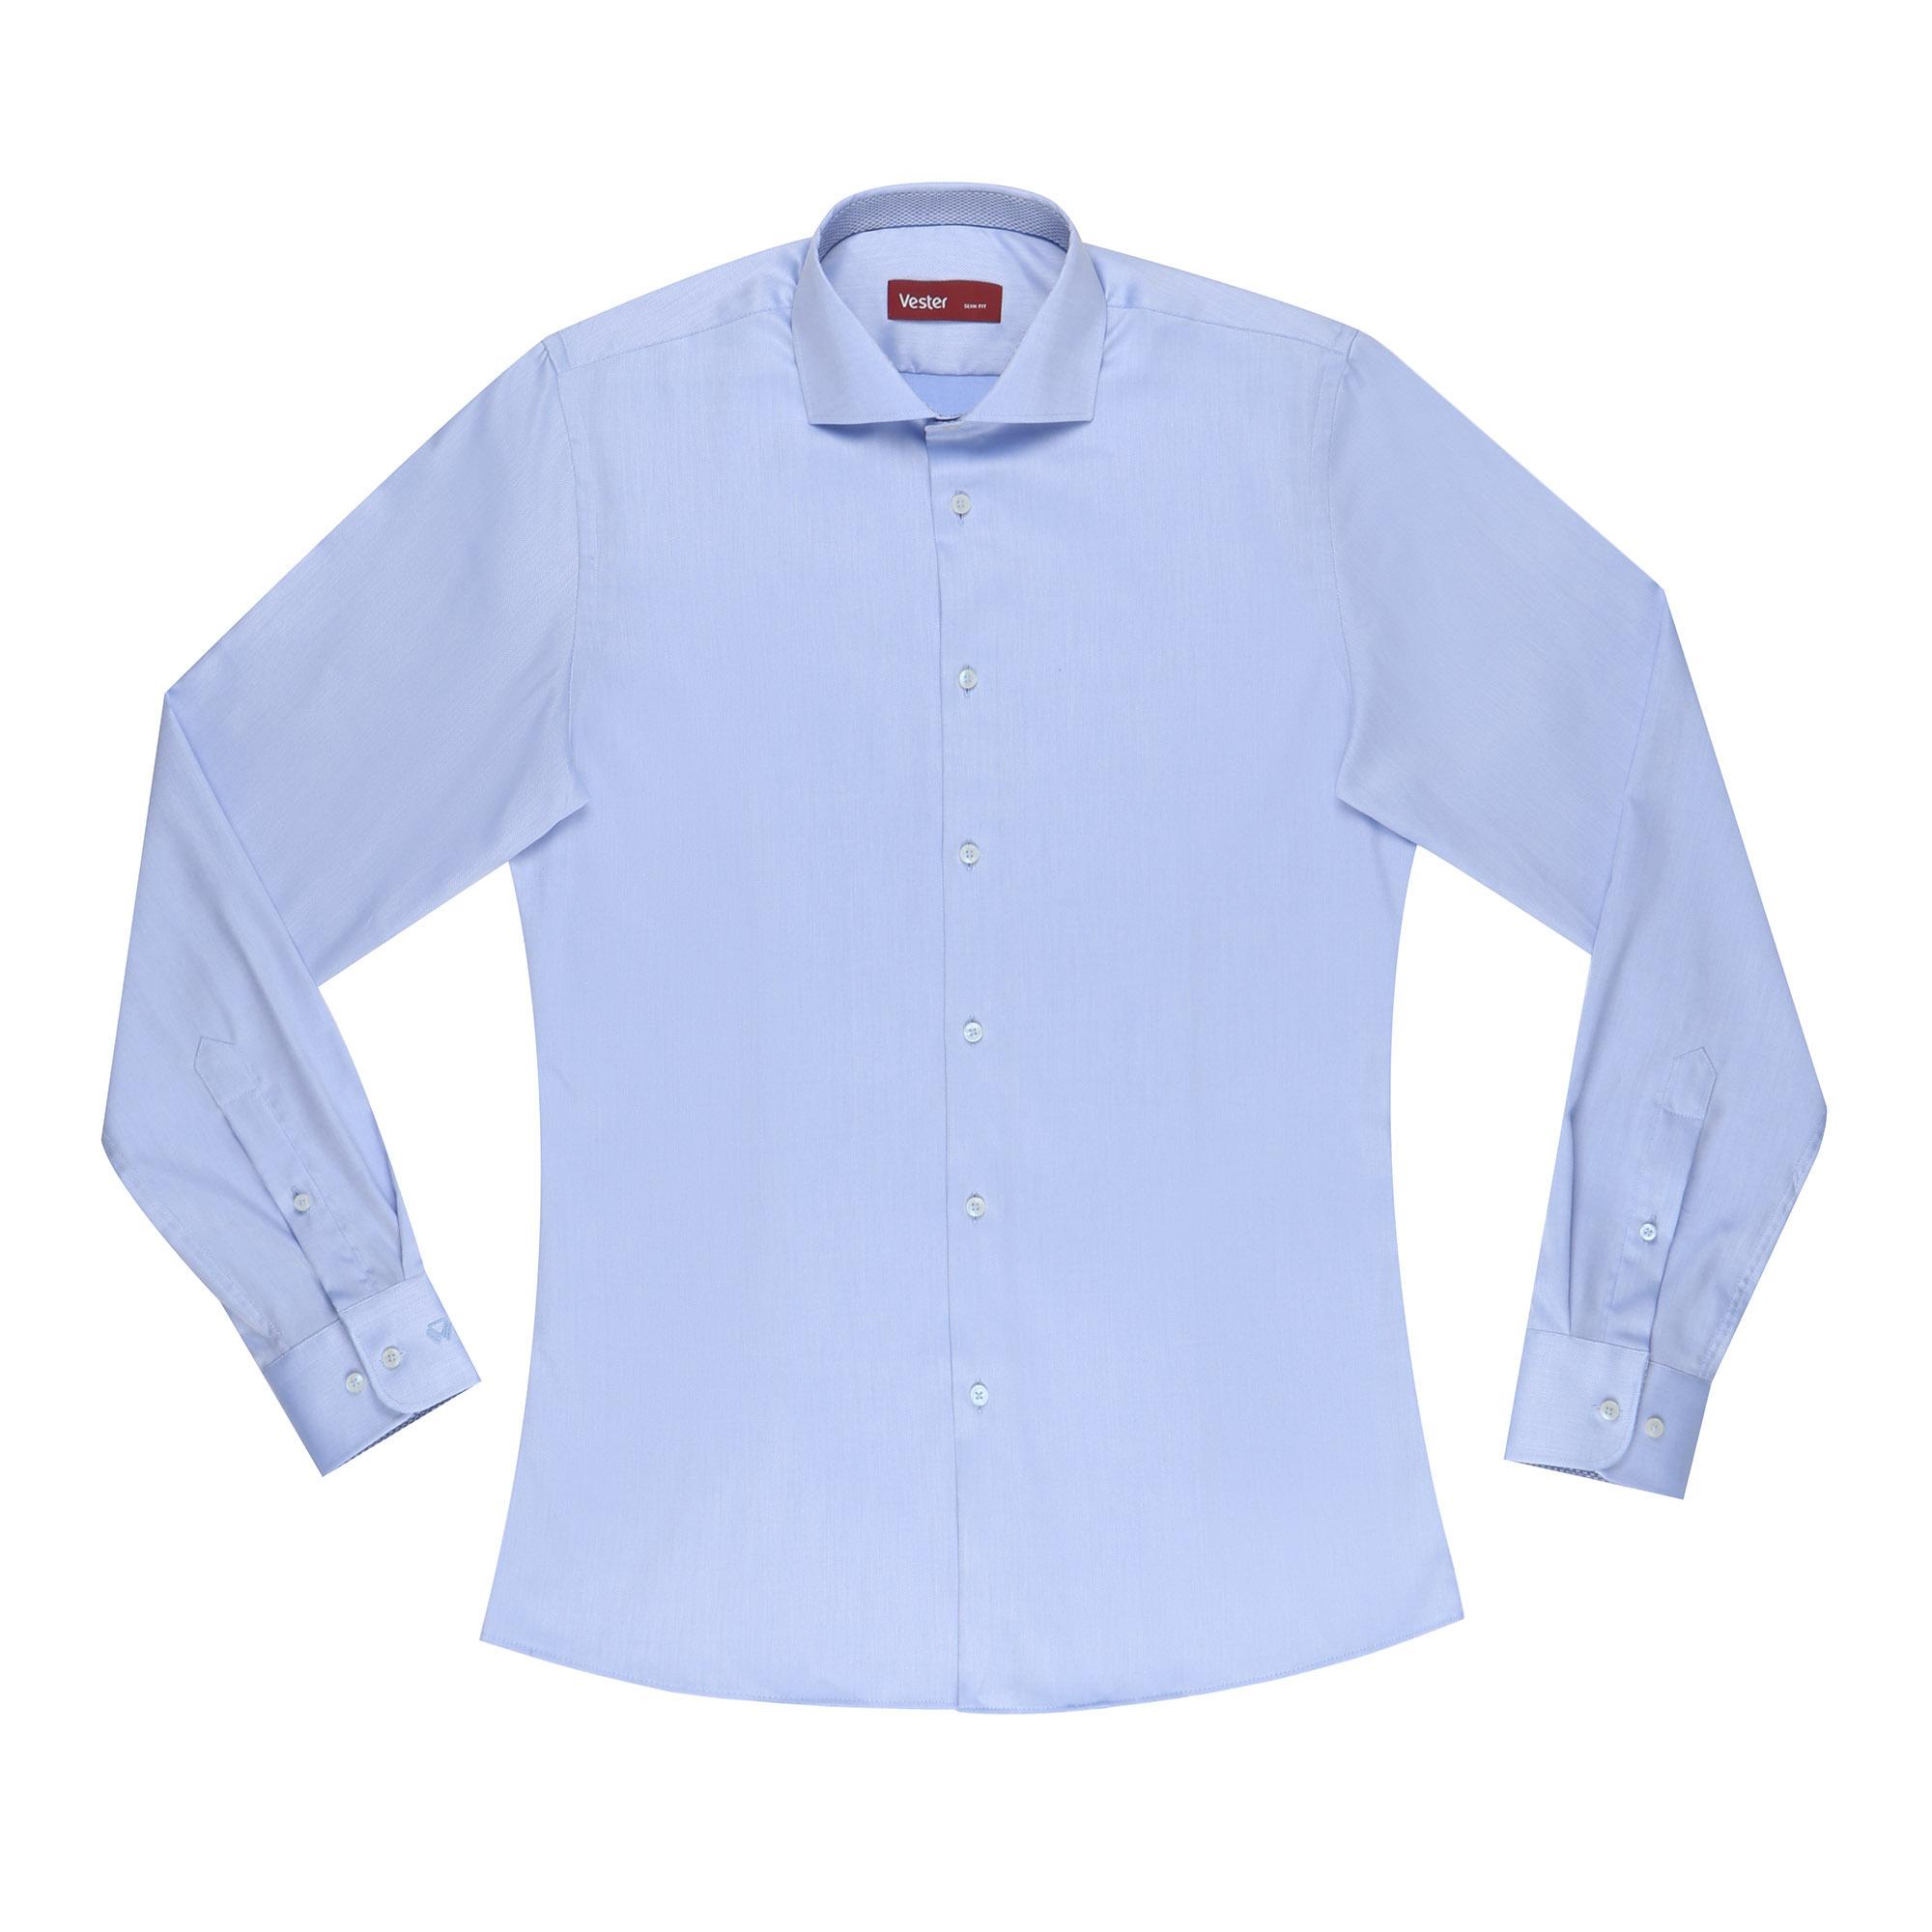 Сорочка мужская Vester 41S 182-188 голубая сорочка мужская vester 43с 182 188 небесно голубая